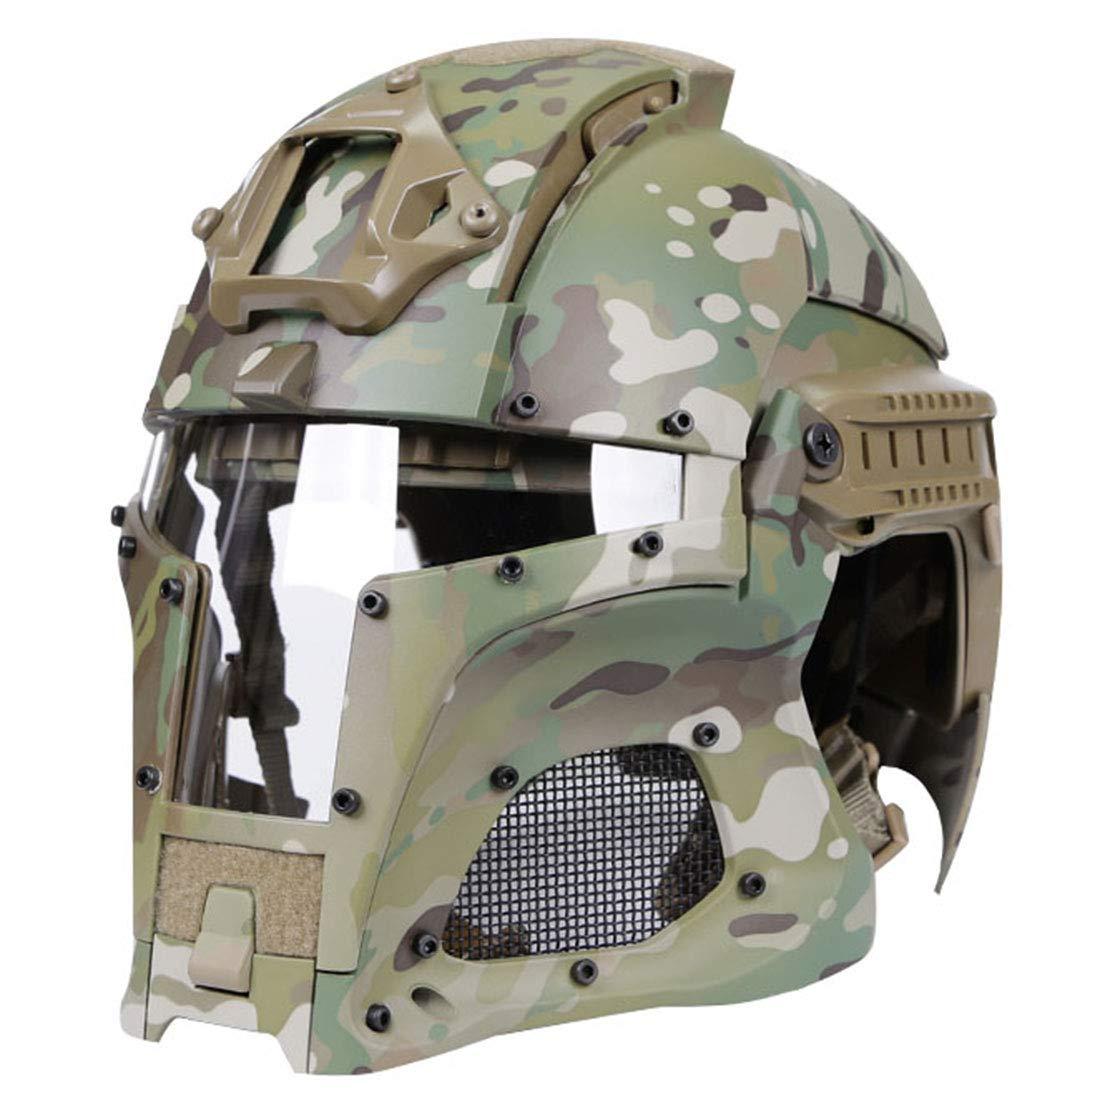 DXX WST Paintball Helm Airsoft Helm Taktische Helm F/ür Airsoft Paintball Kopfumfang:54-64cm